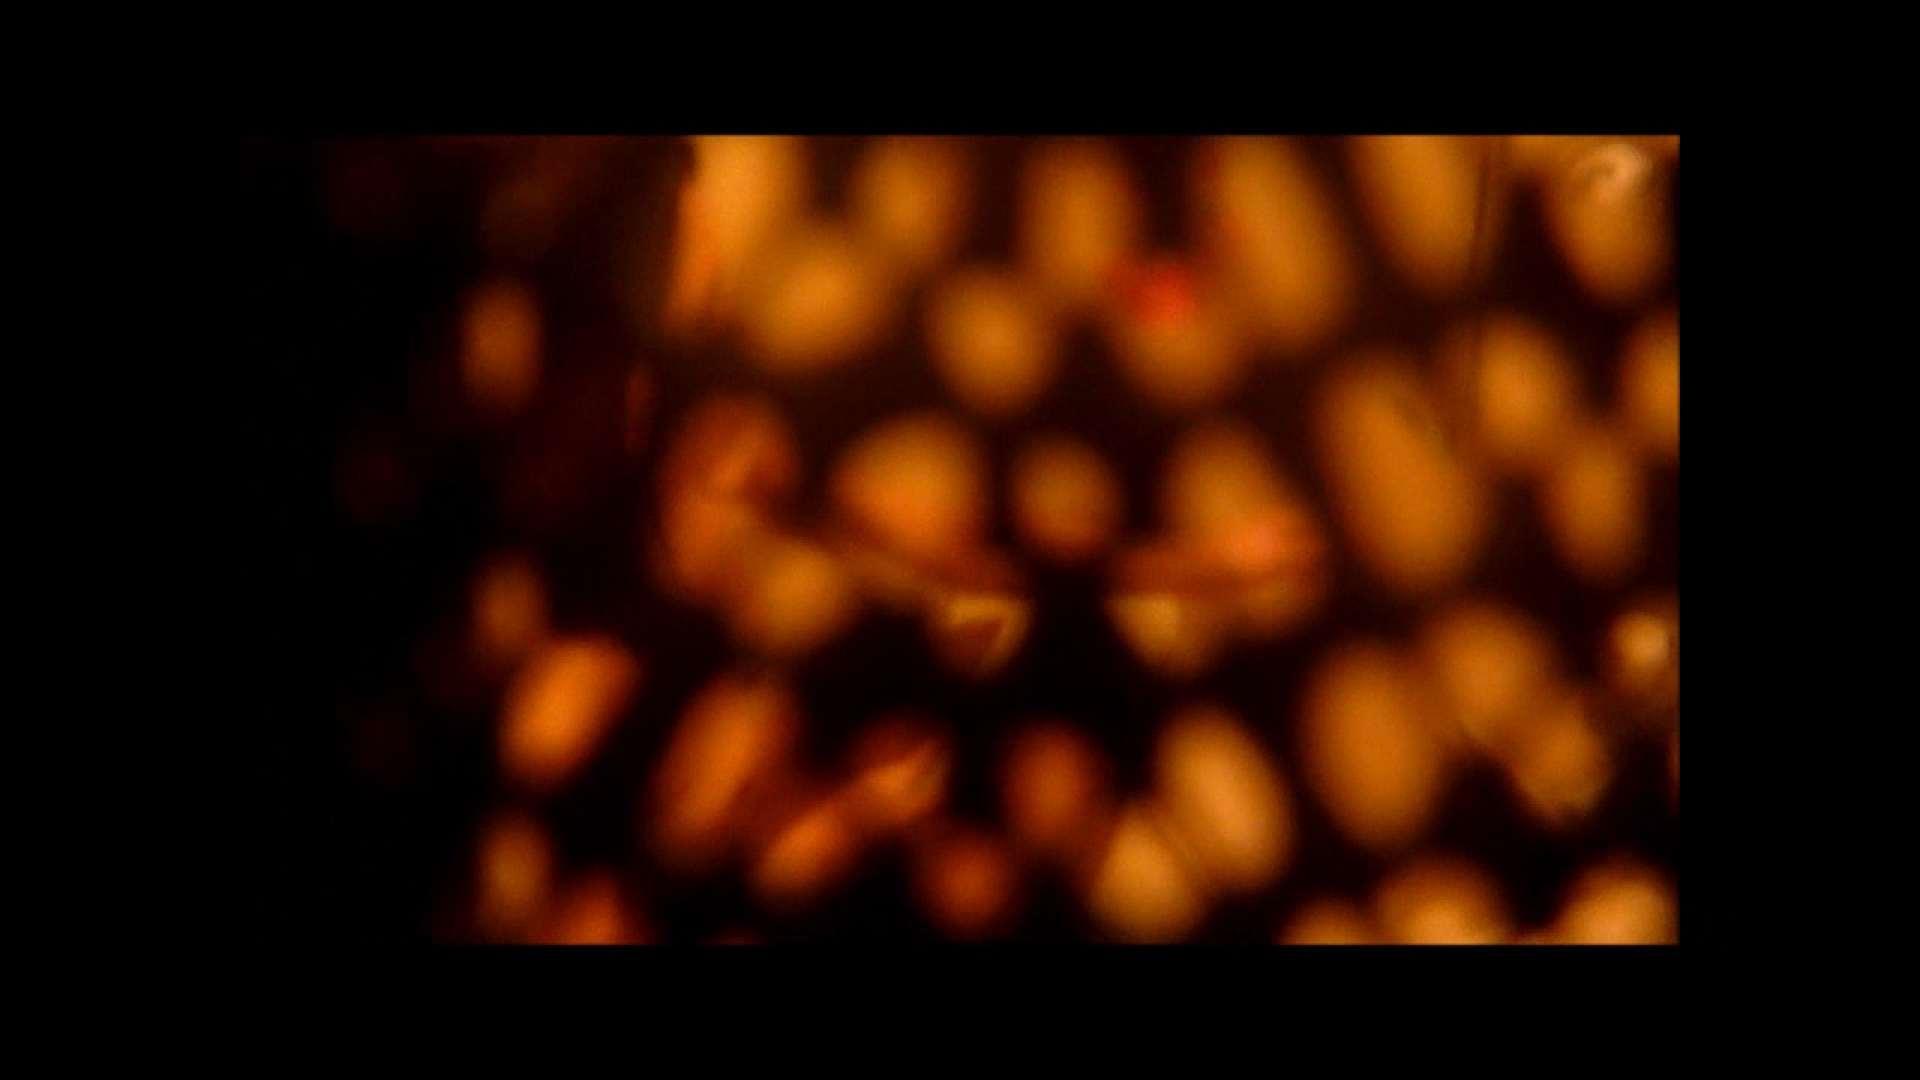 【02】ベランダに侵入して張り込みを始めて・・・やっと結果が出ました。 モロだしオマンコ  79pic 60